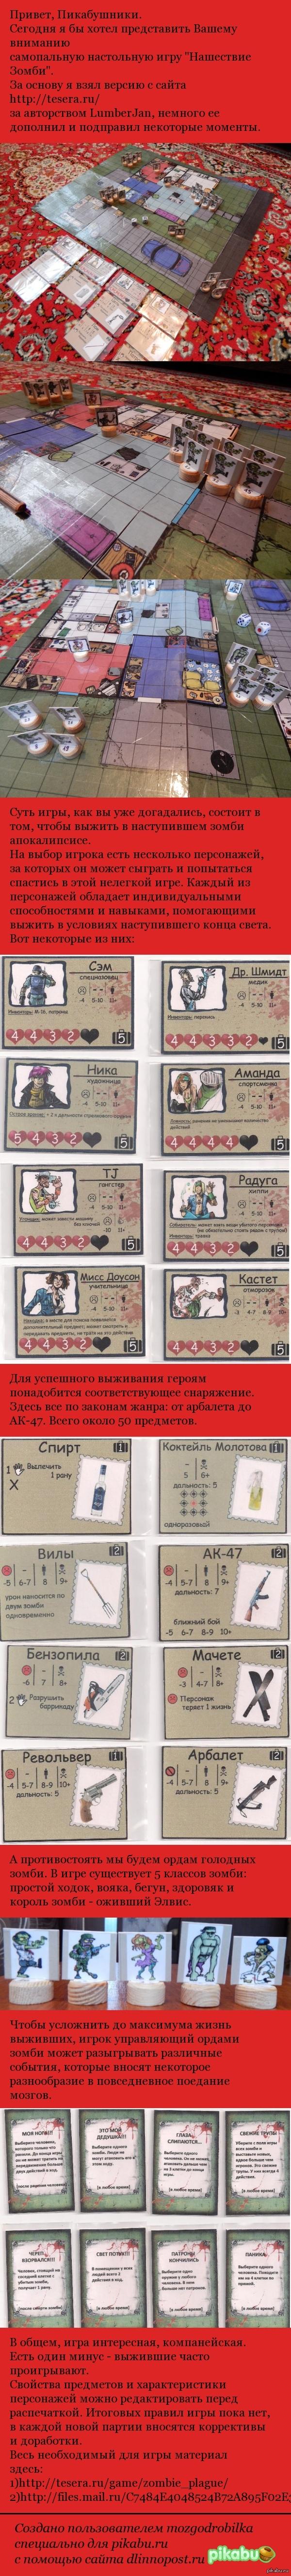 """Настольная игра """"Нашествие Зомби"""" Всё необходимое для создания игры брал отсюда:http://files.mail.ru/C7484E4048524B72A895F02E34A496C3  и отсюда: http://tesera.ru/game/zombie_plague/"""